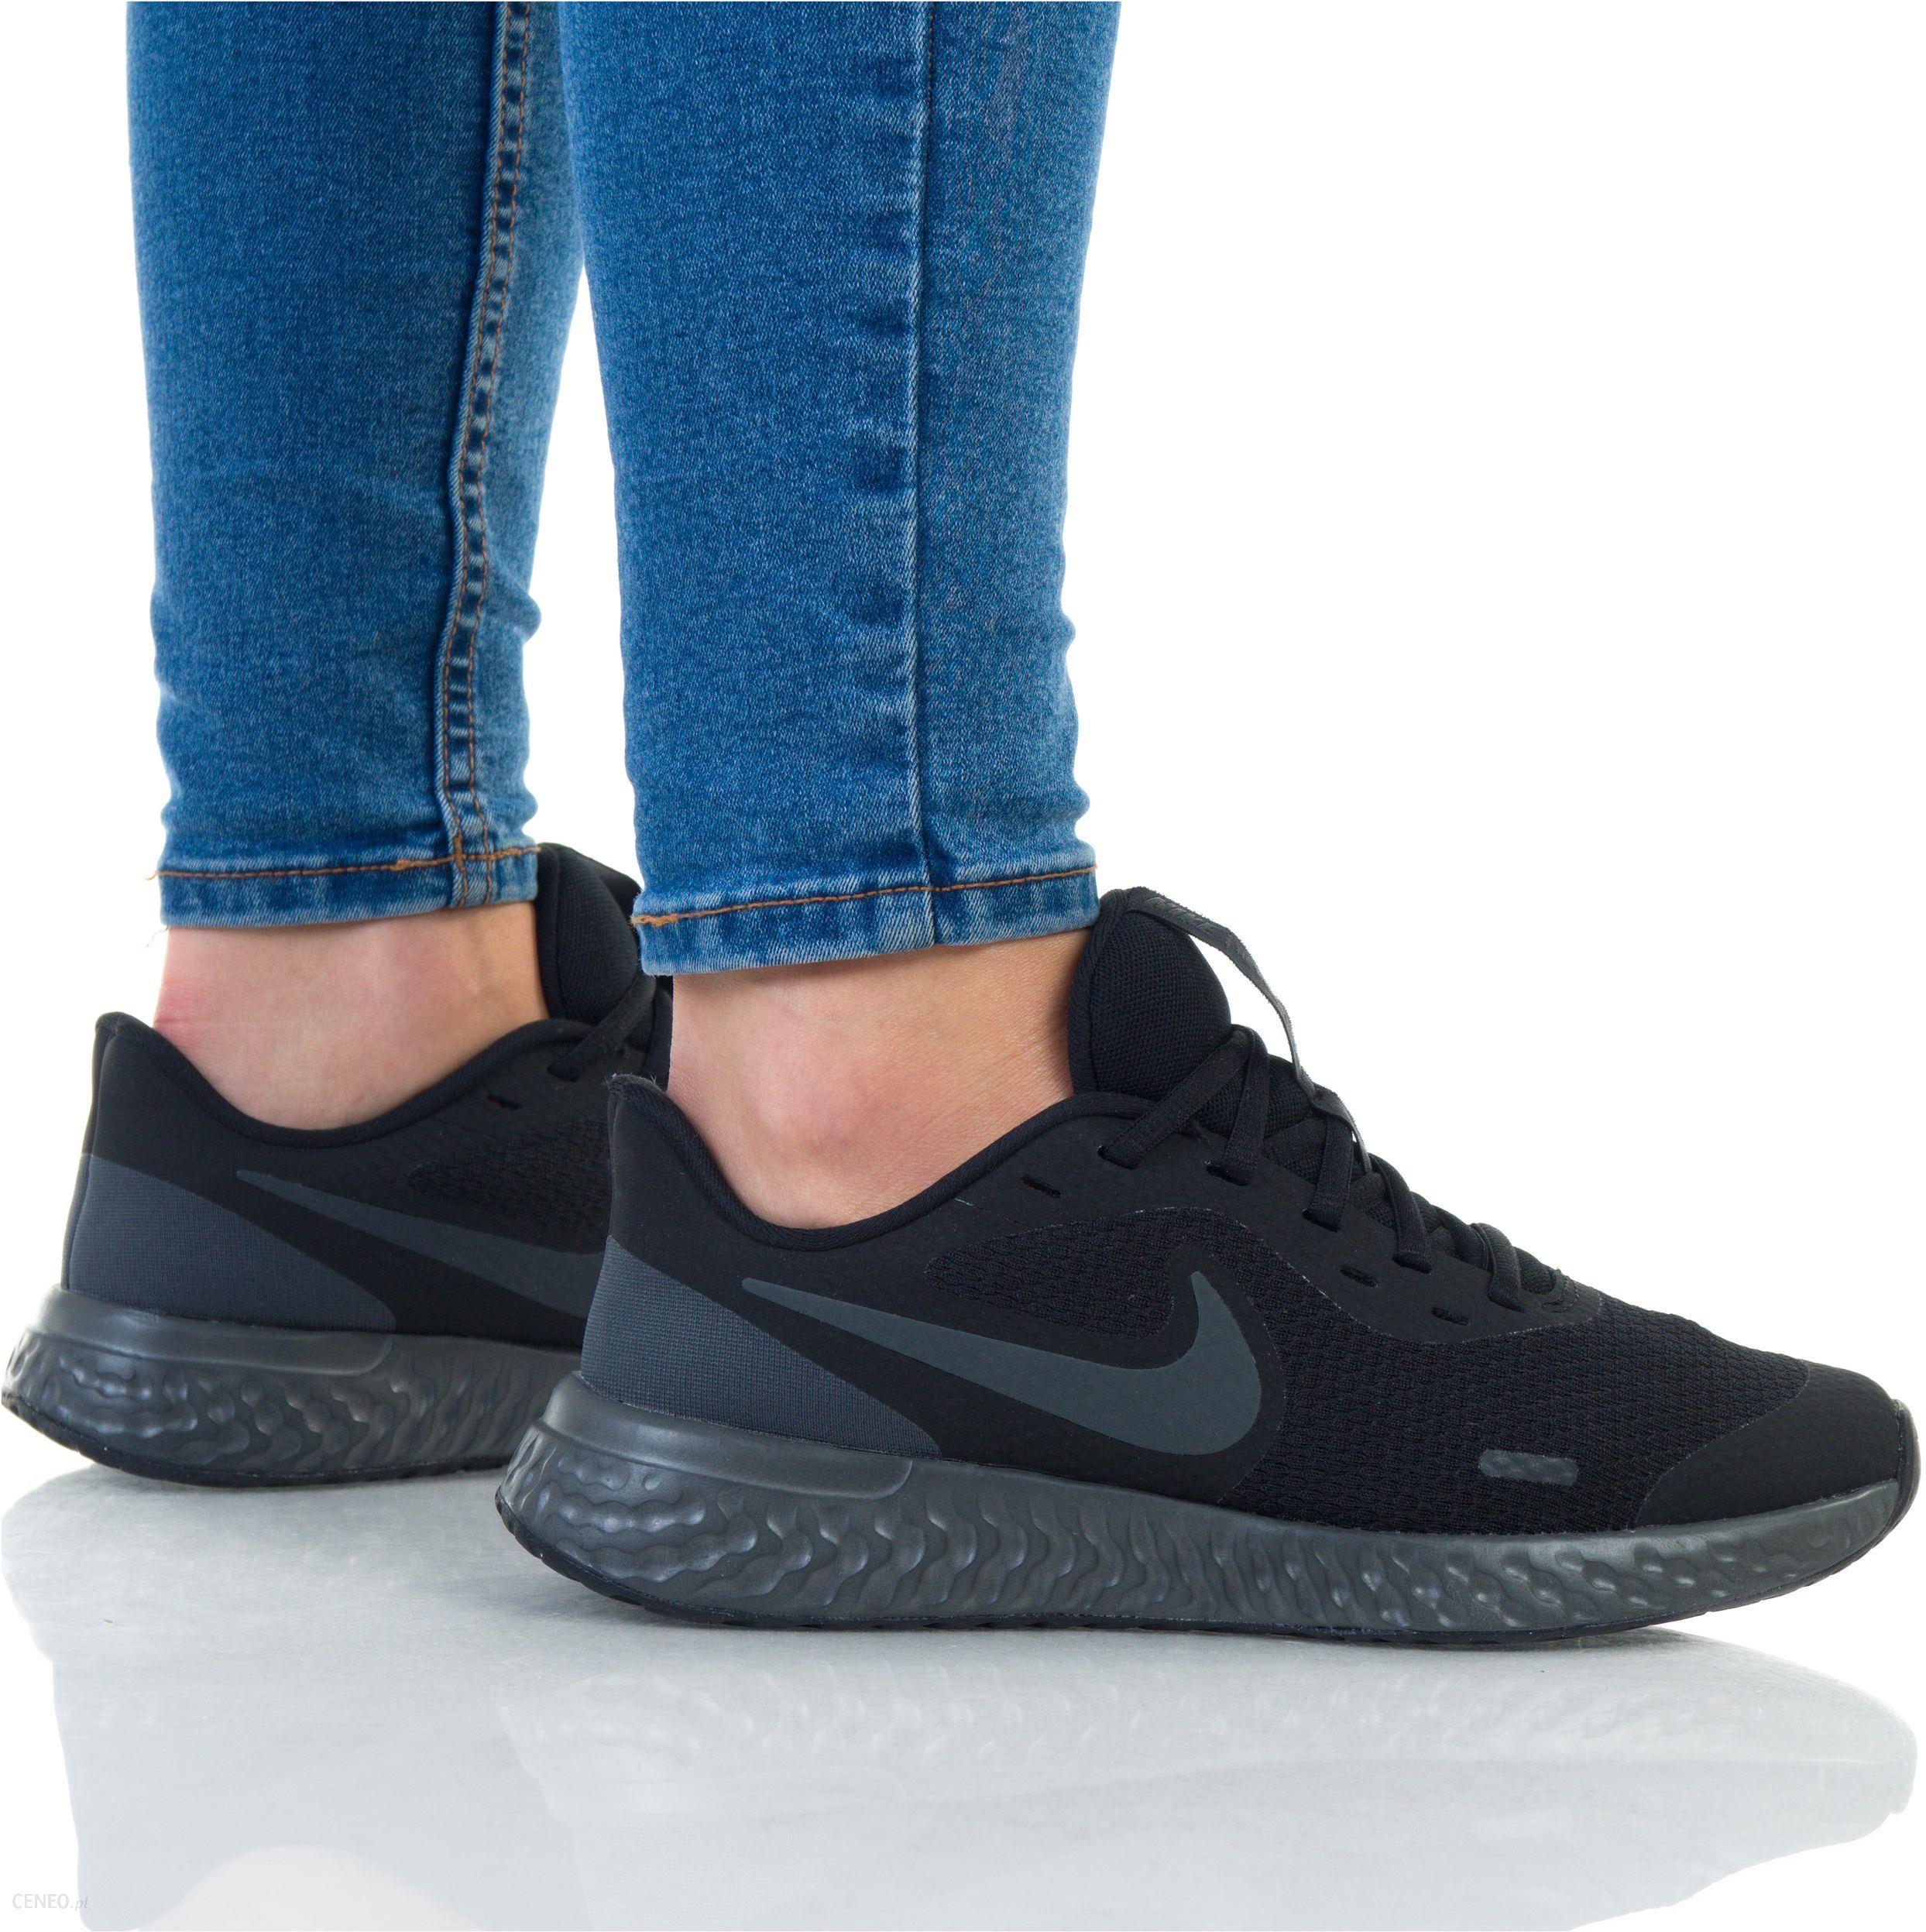 buty nike damskie grat z rozem cena